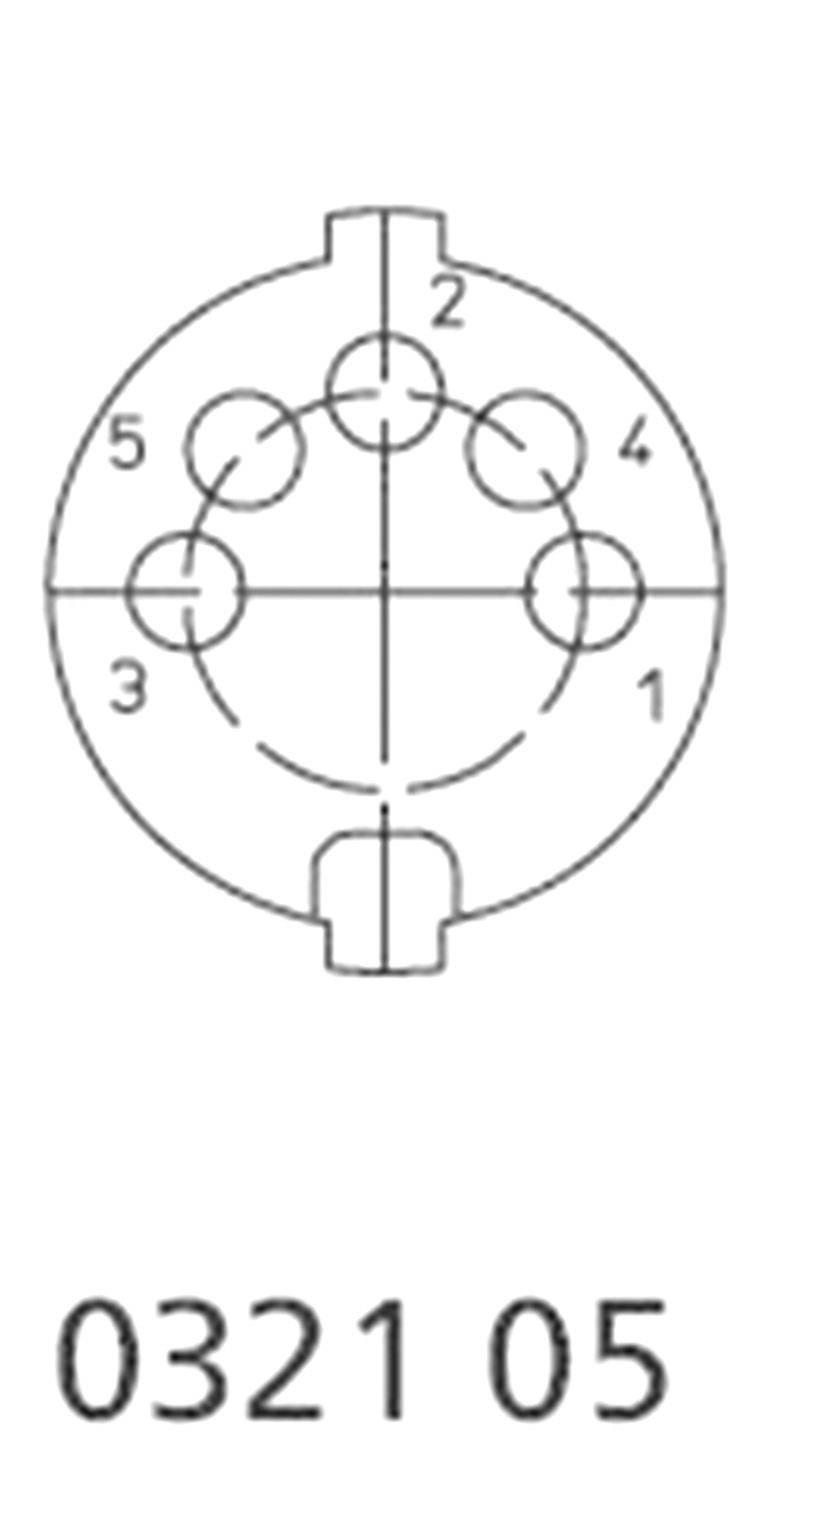 DIN kruhový konektor zástrčka, rovná Lumberg 0331 05, počet pinov: 5, strieborná, 1 ks